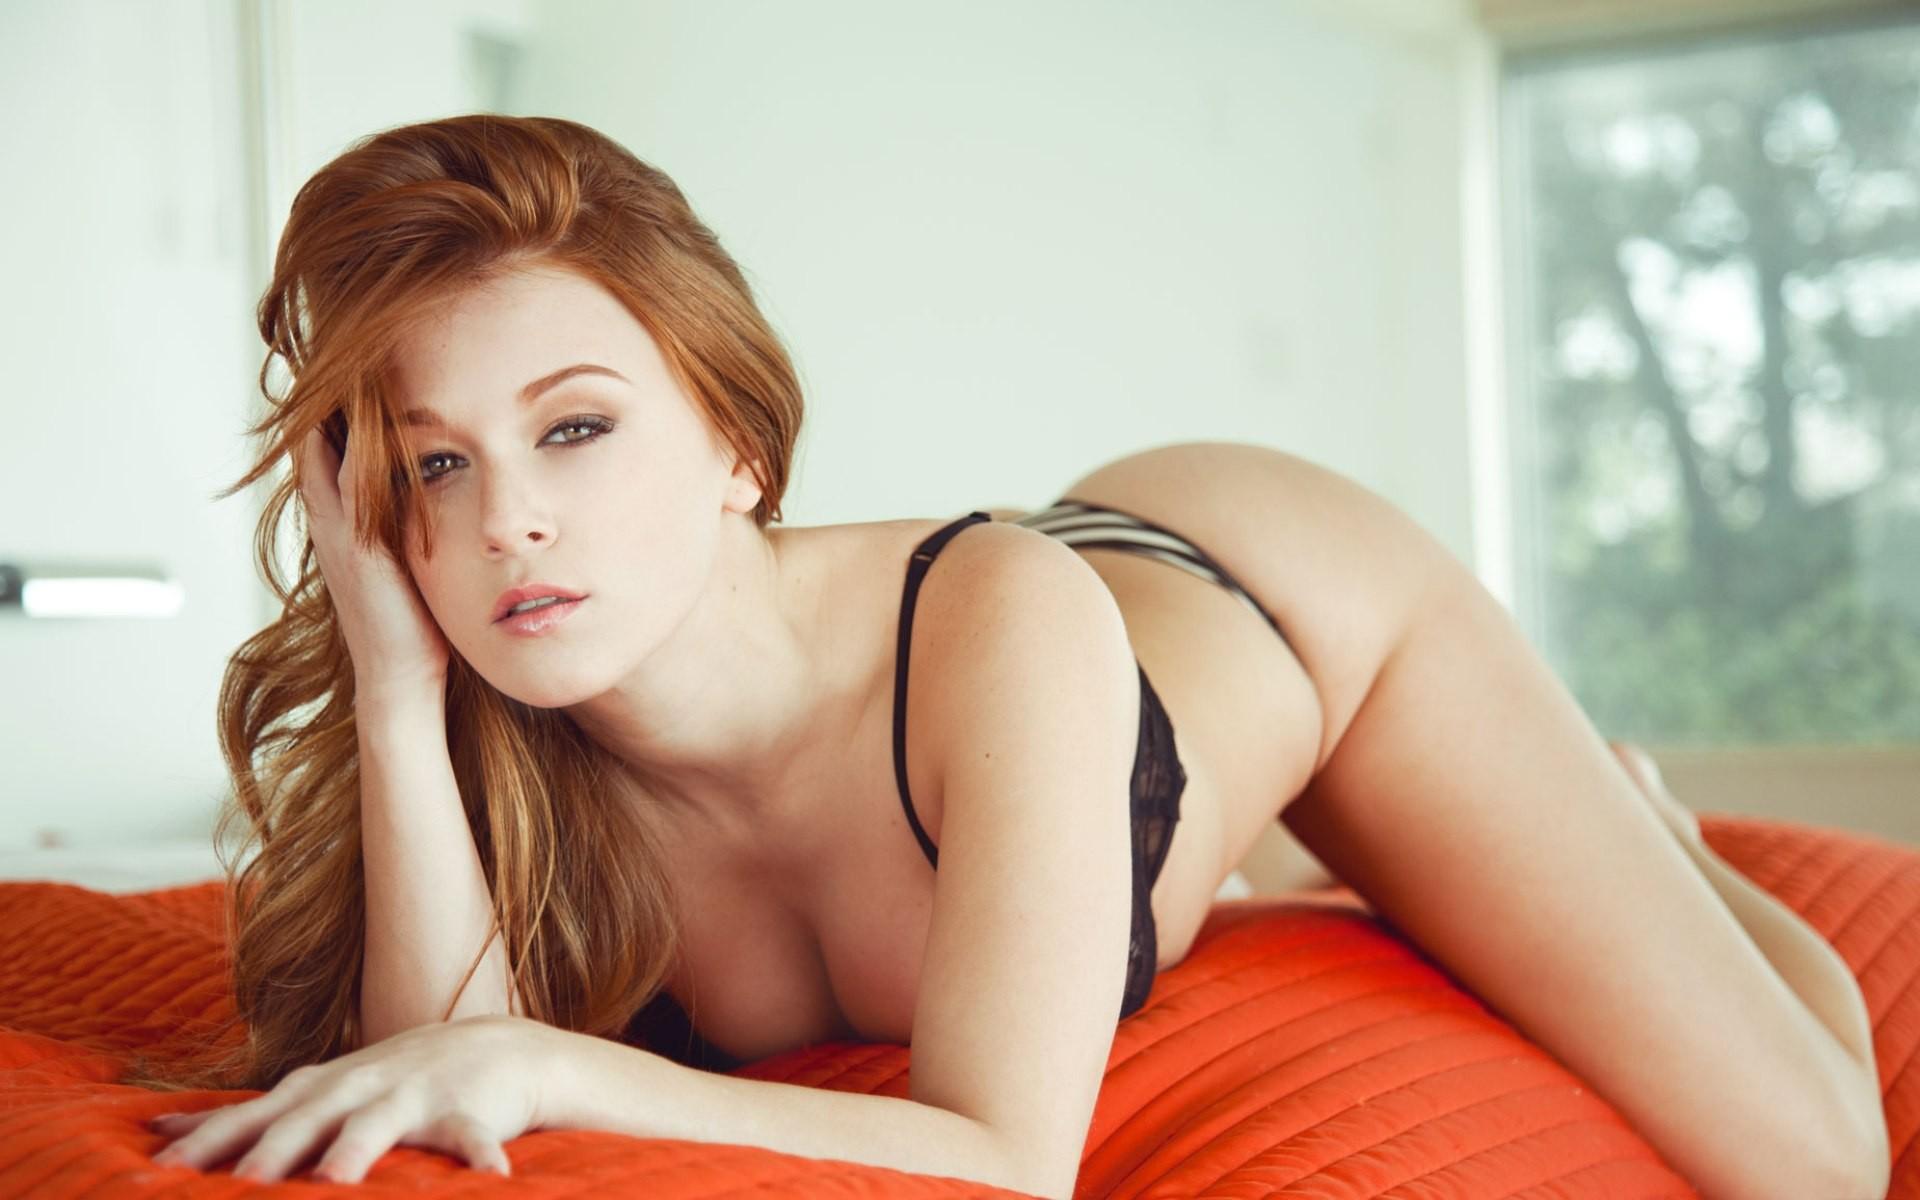 Порно с рыжей девушкой онлайн